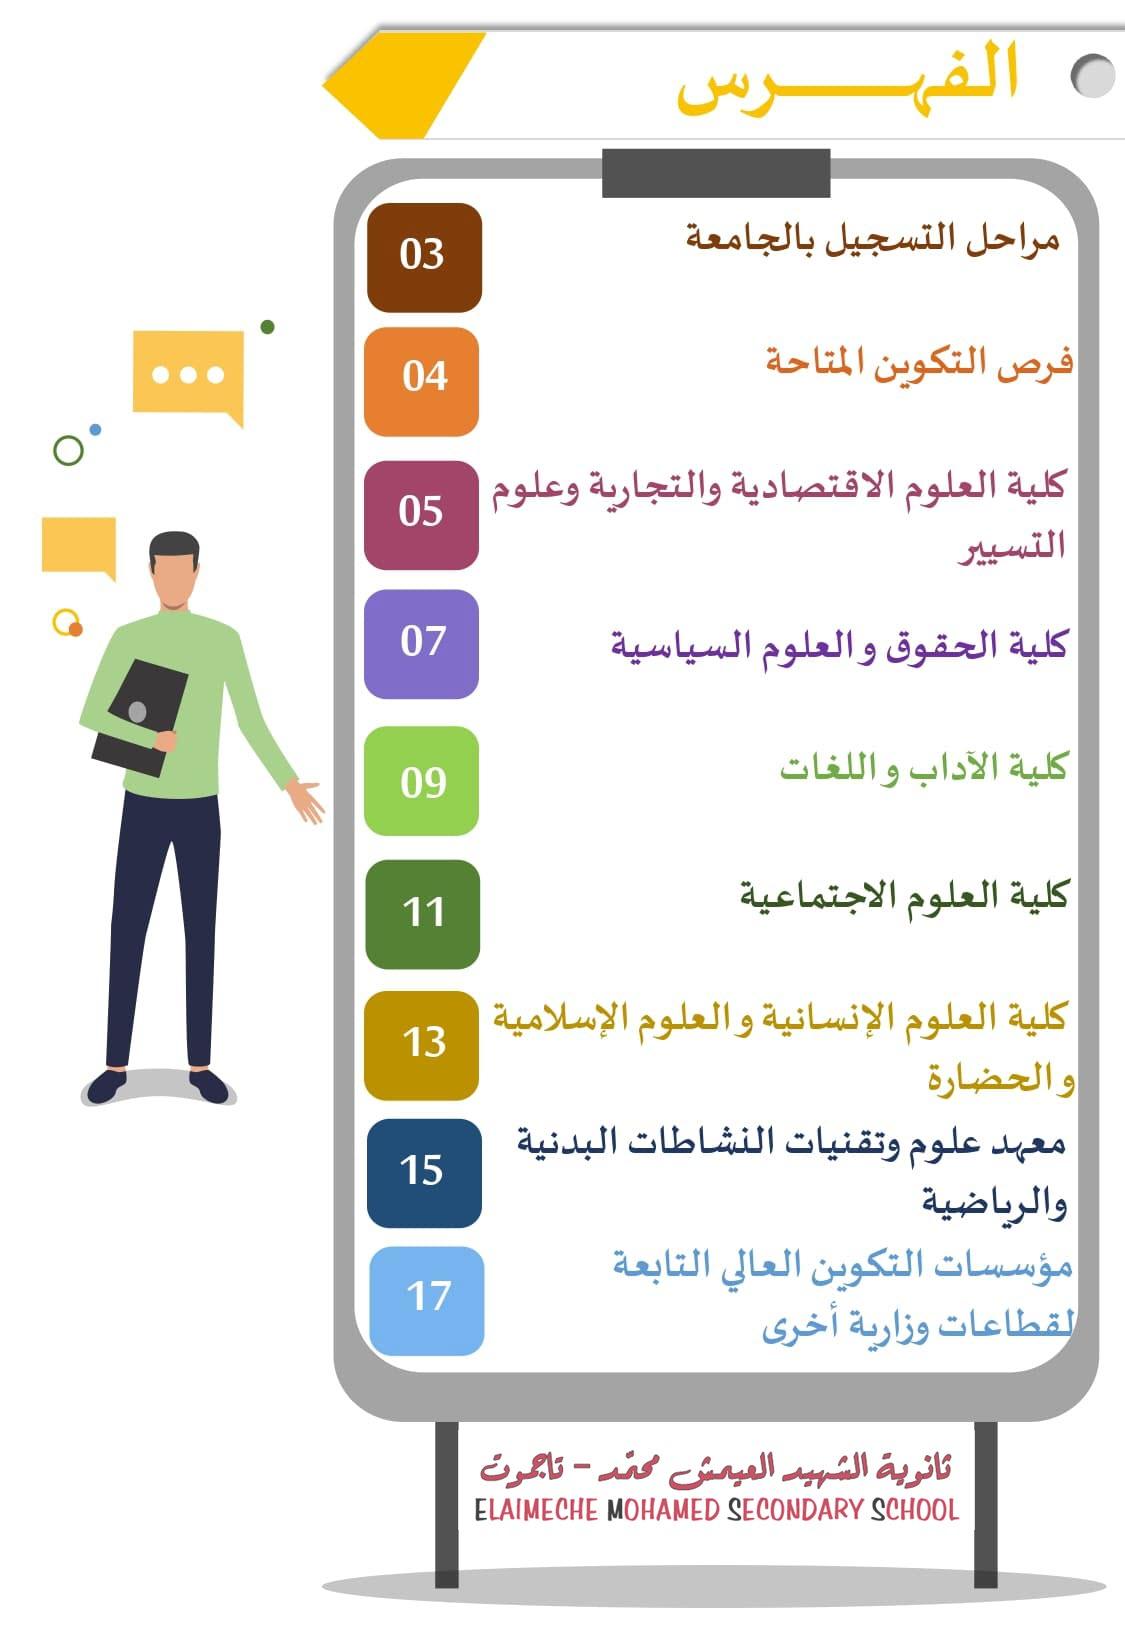 دليل الطالب الناجح في البكالوريا